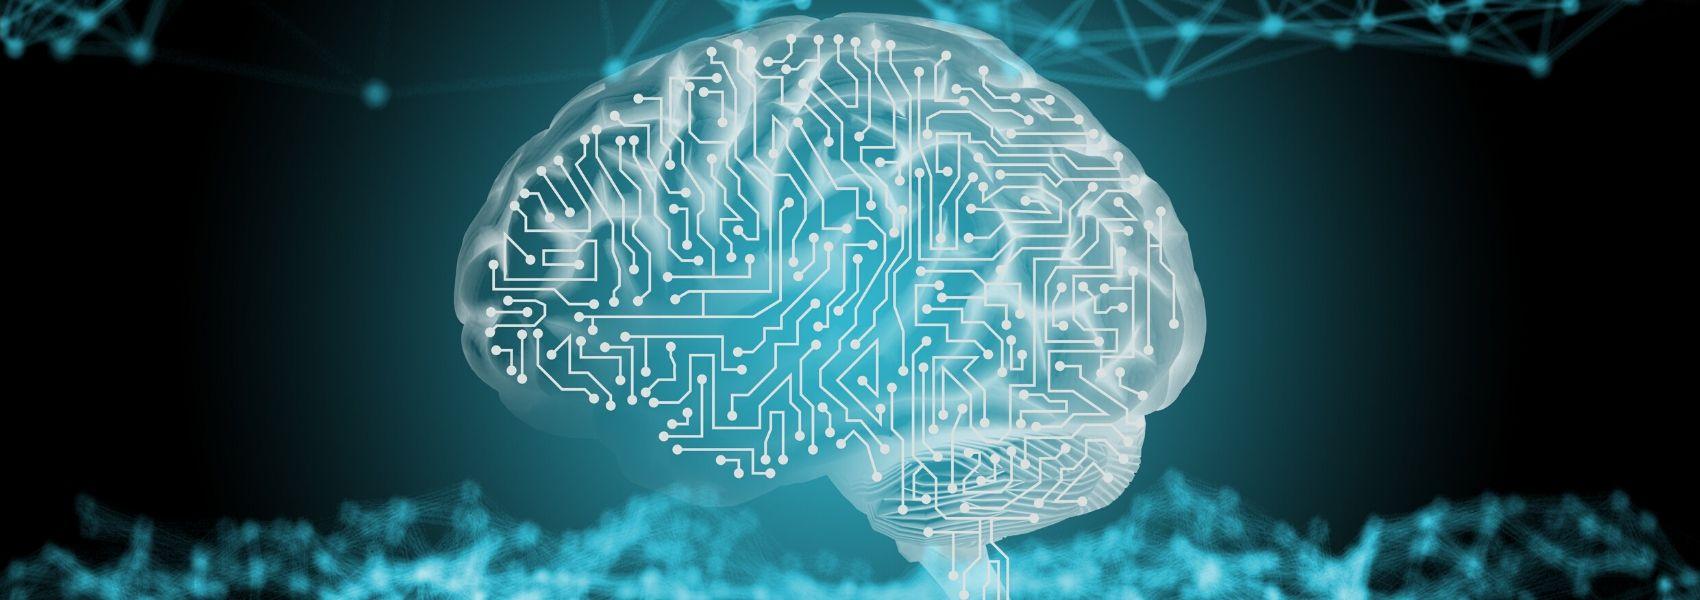 Spin-off portuguesa recebe dois milhões para combater a doença de Alzheimer